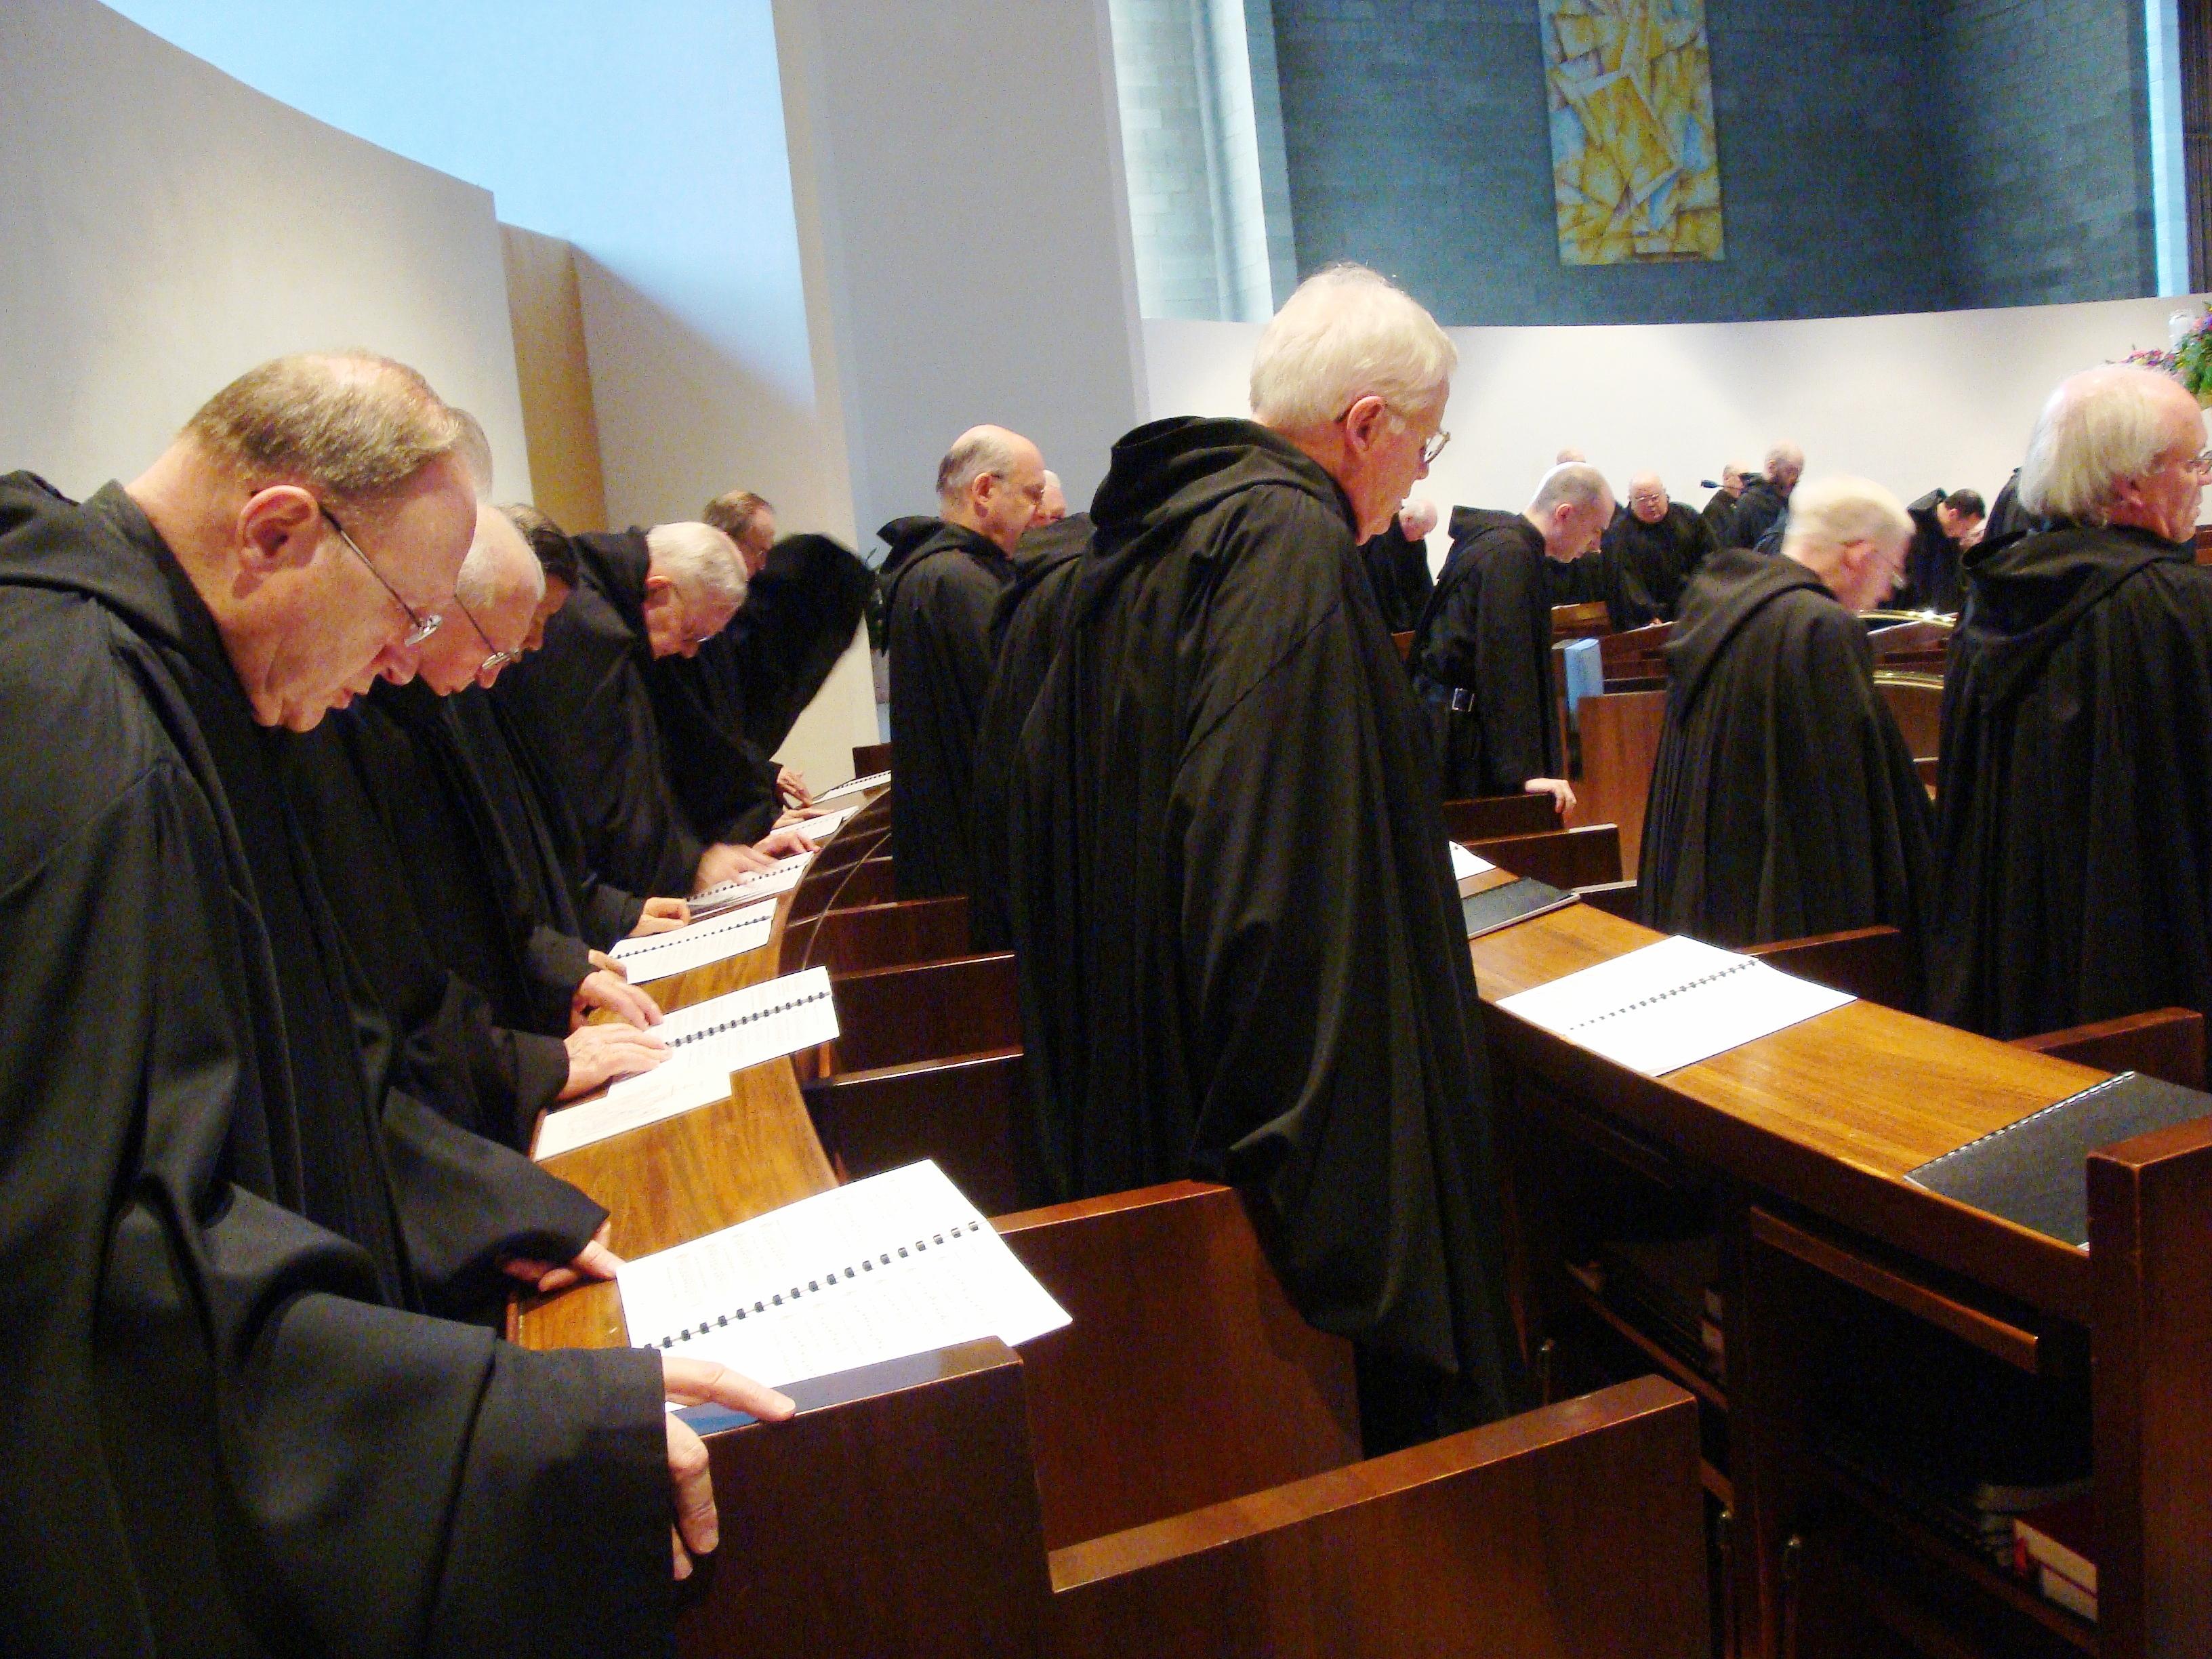 Benediktinermönche im Gebet